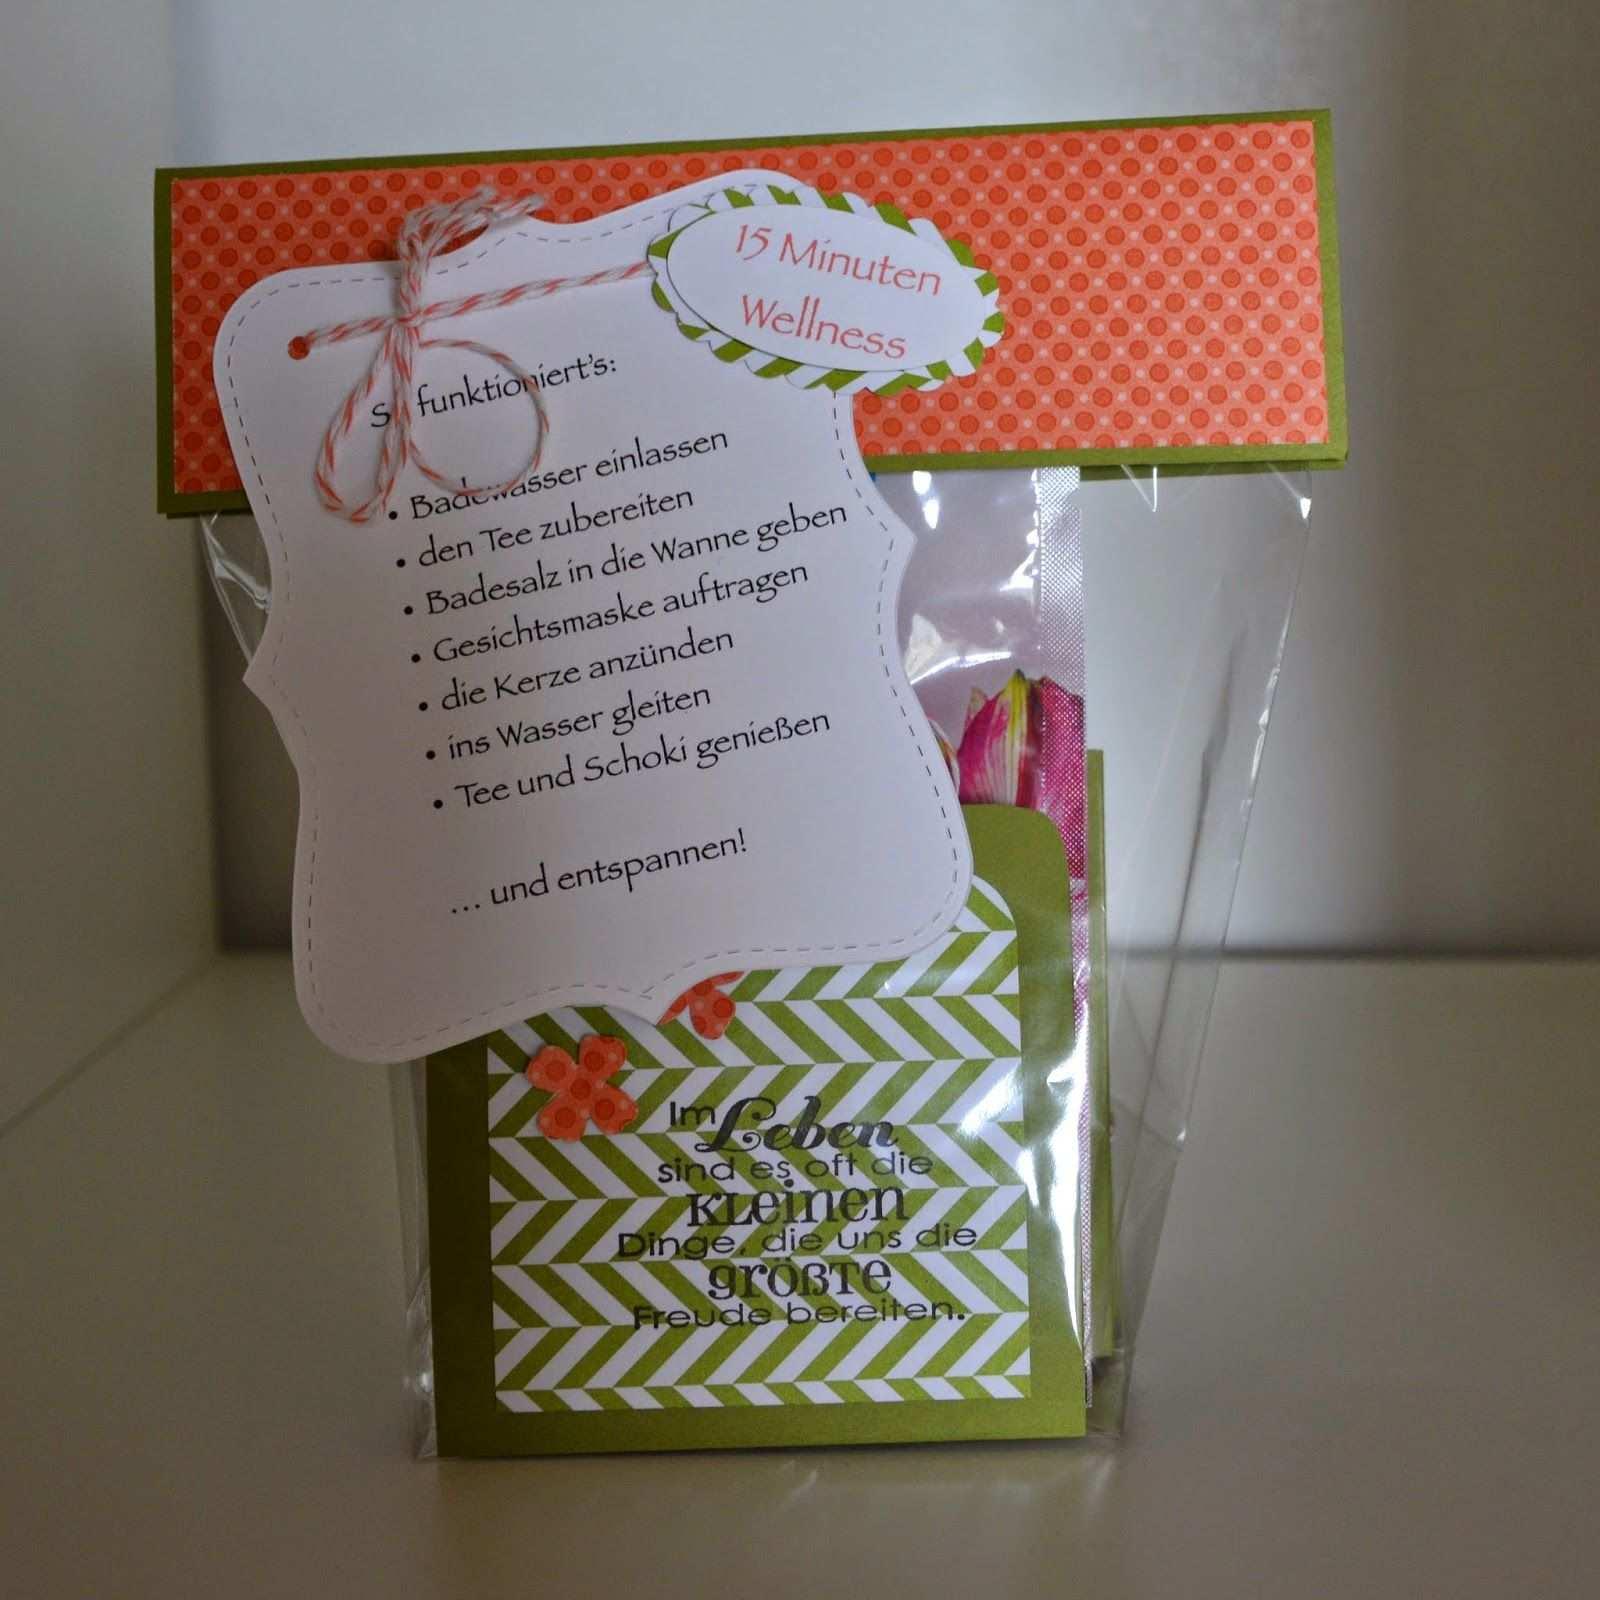 Stempelsee 15 Minuten Wellness Aus Der Tute Selbstgebastelte Geschenke Kleine Geschenke Geschenkideen